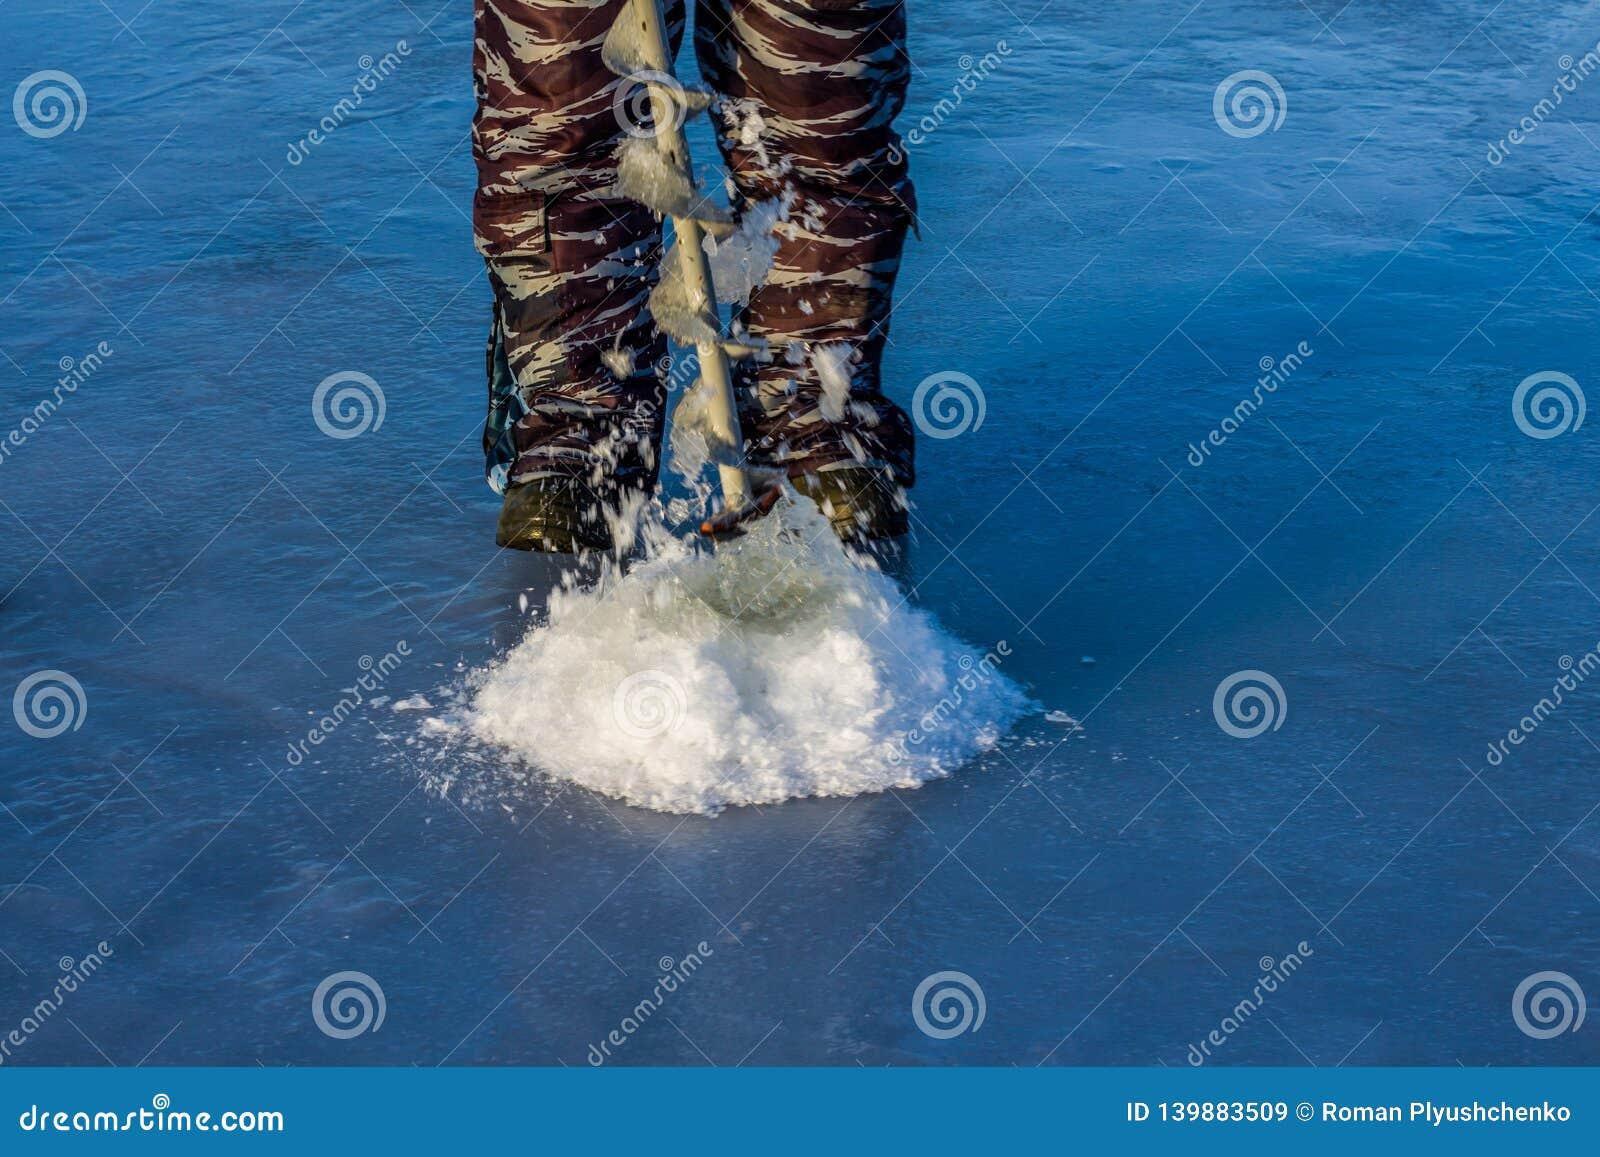 Rybak musztruje dziury w lodzie